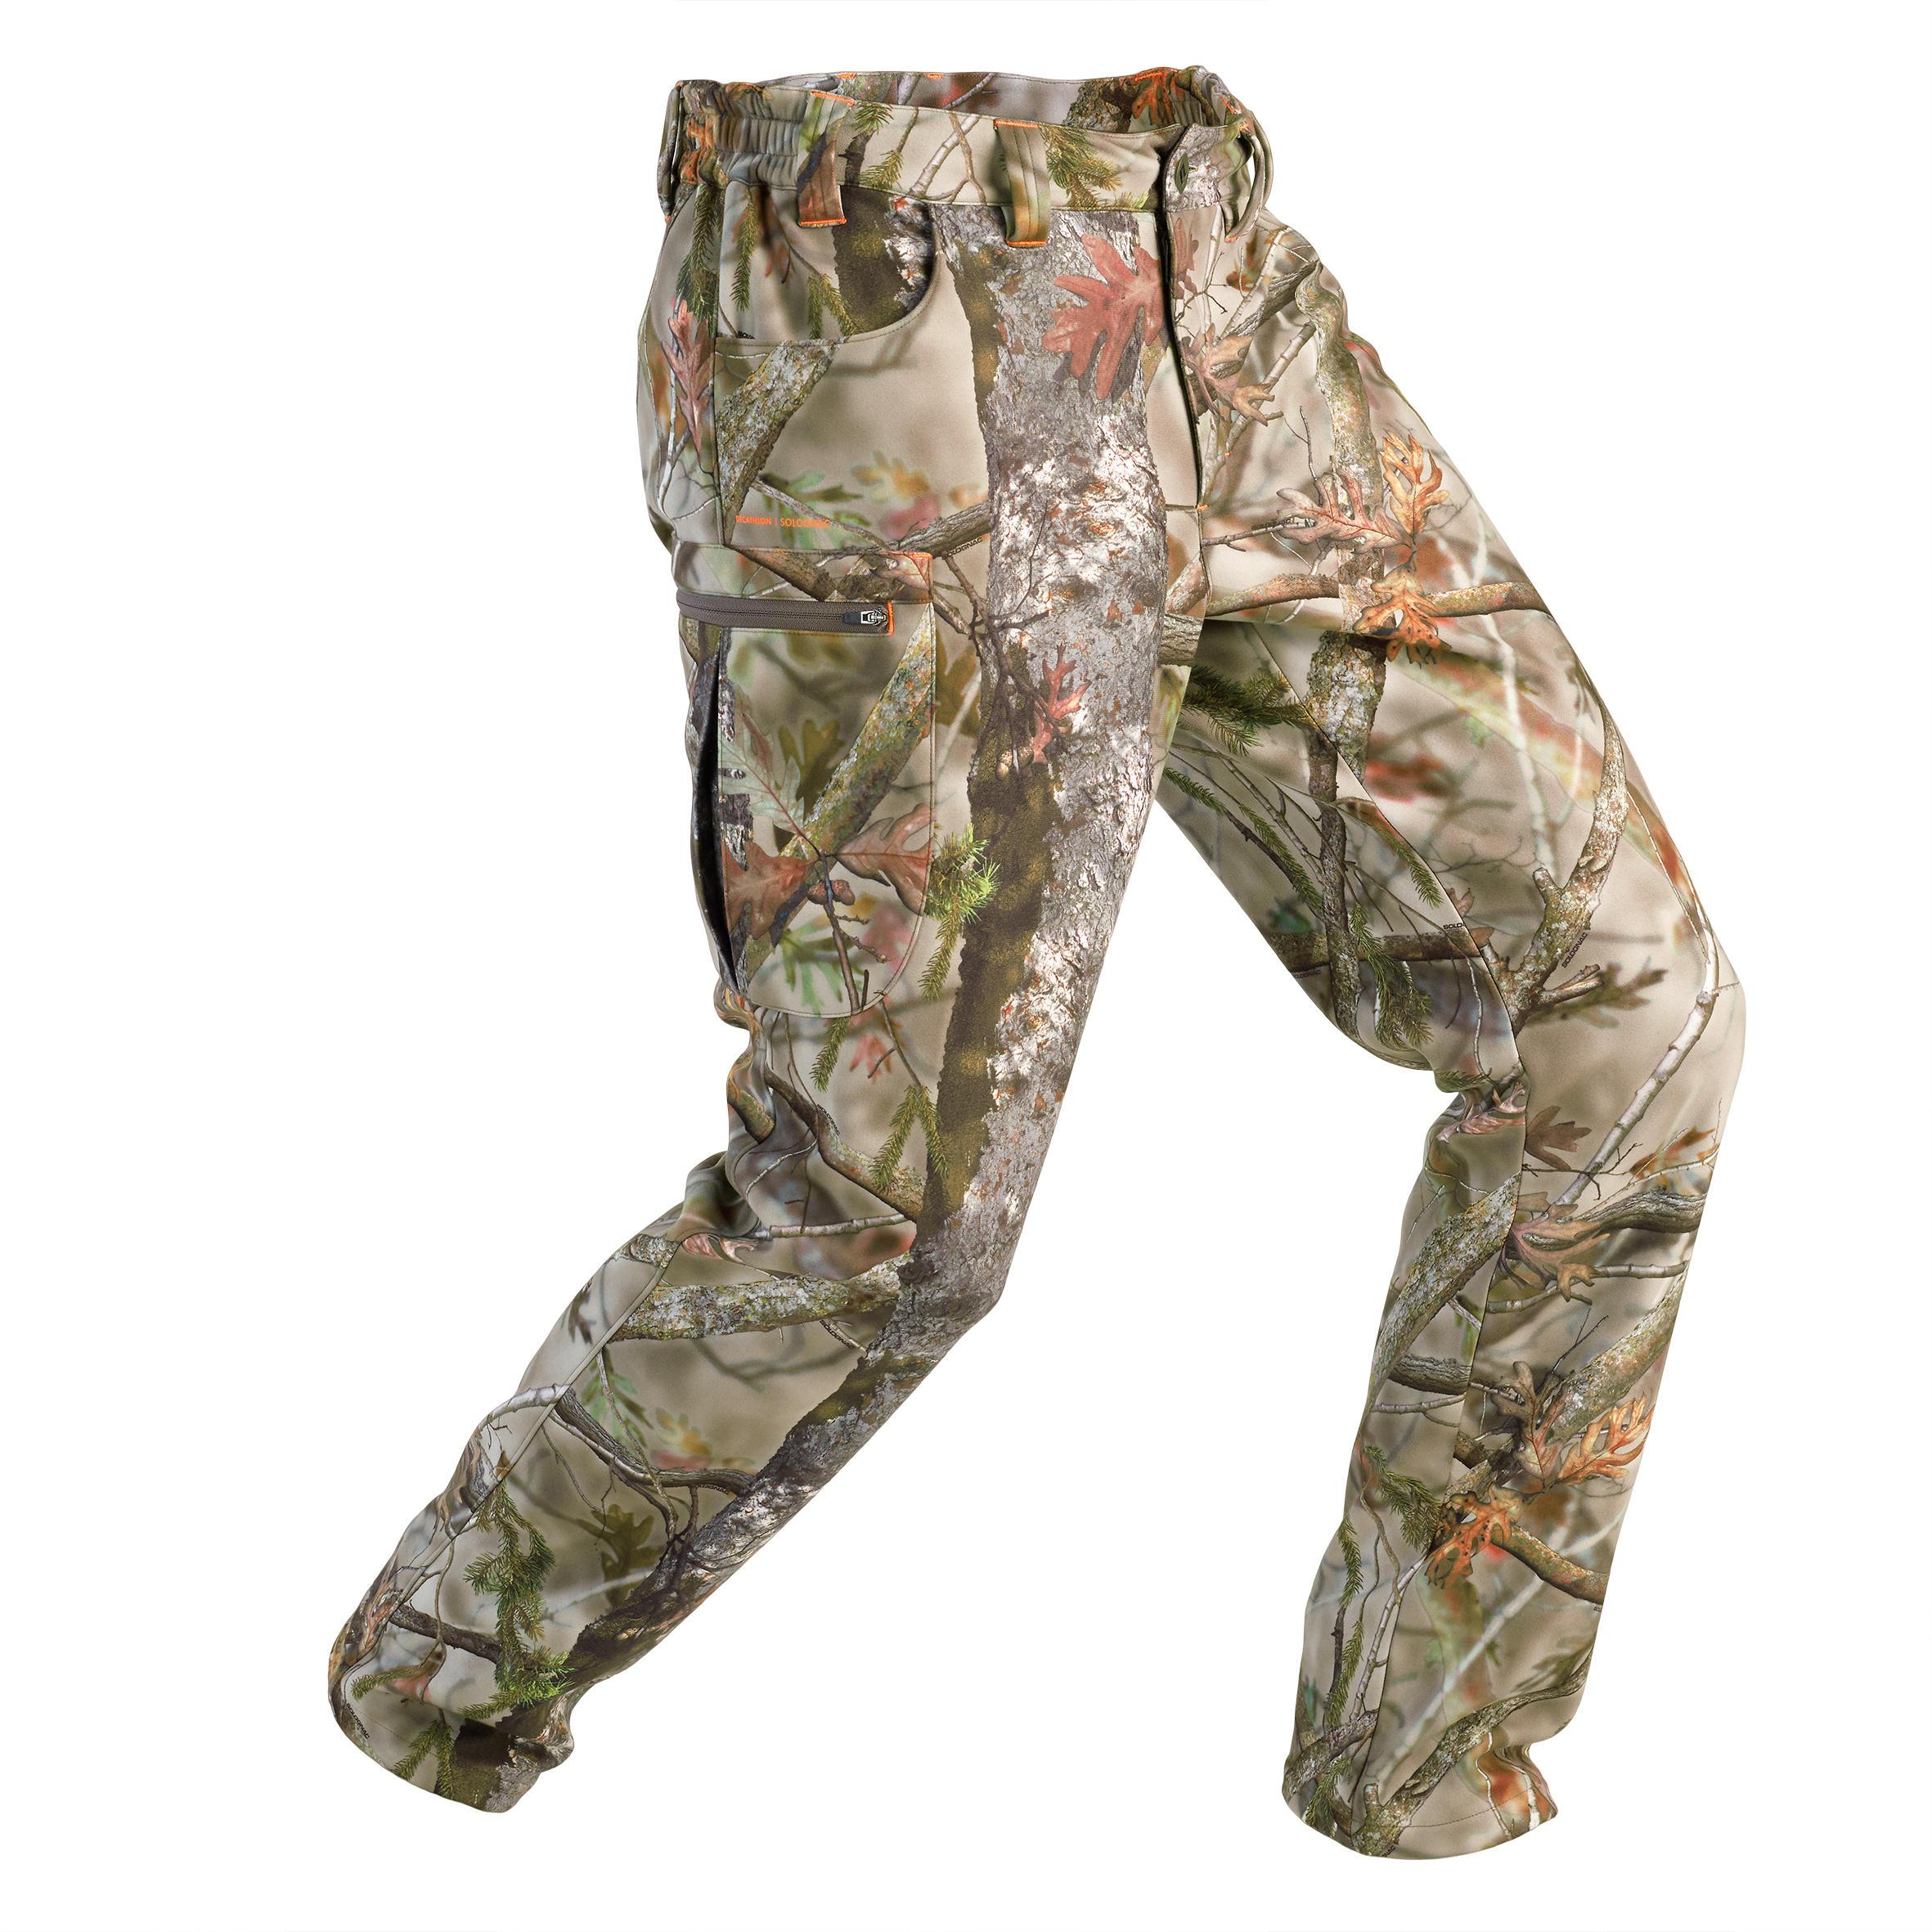 Solognac Pantalon Chasse Polaire 100 camouflage foret - Solognac